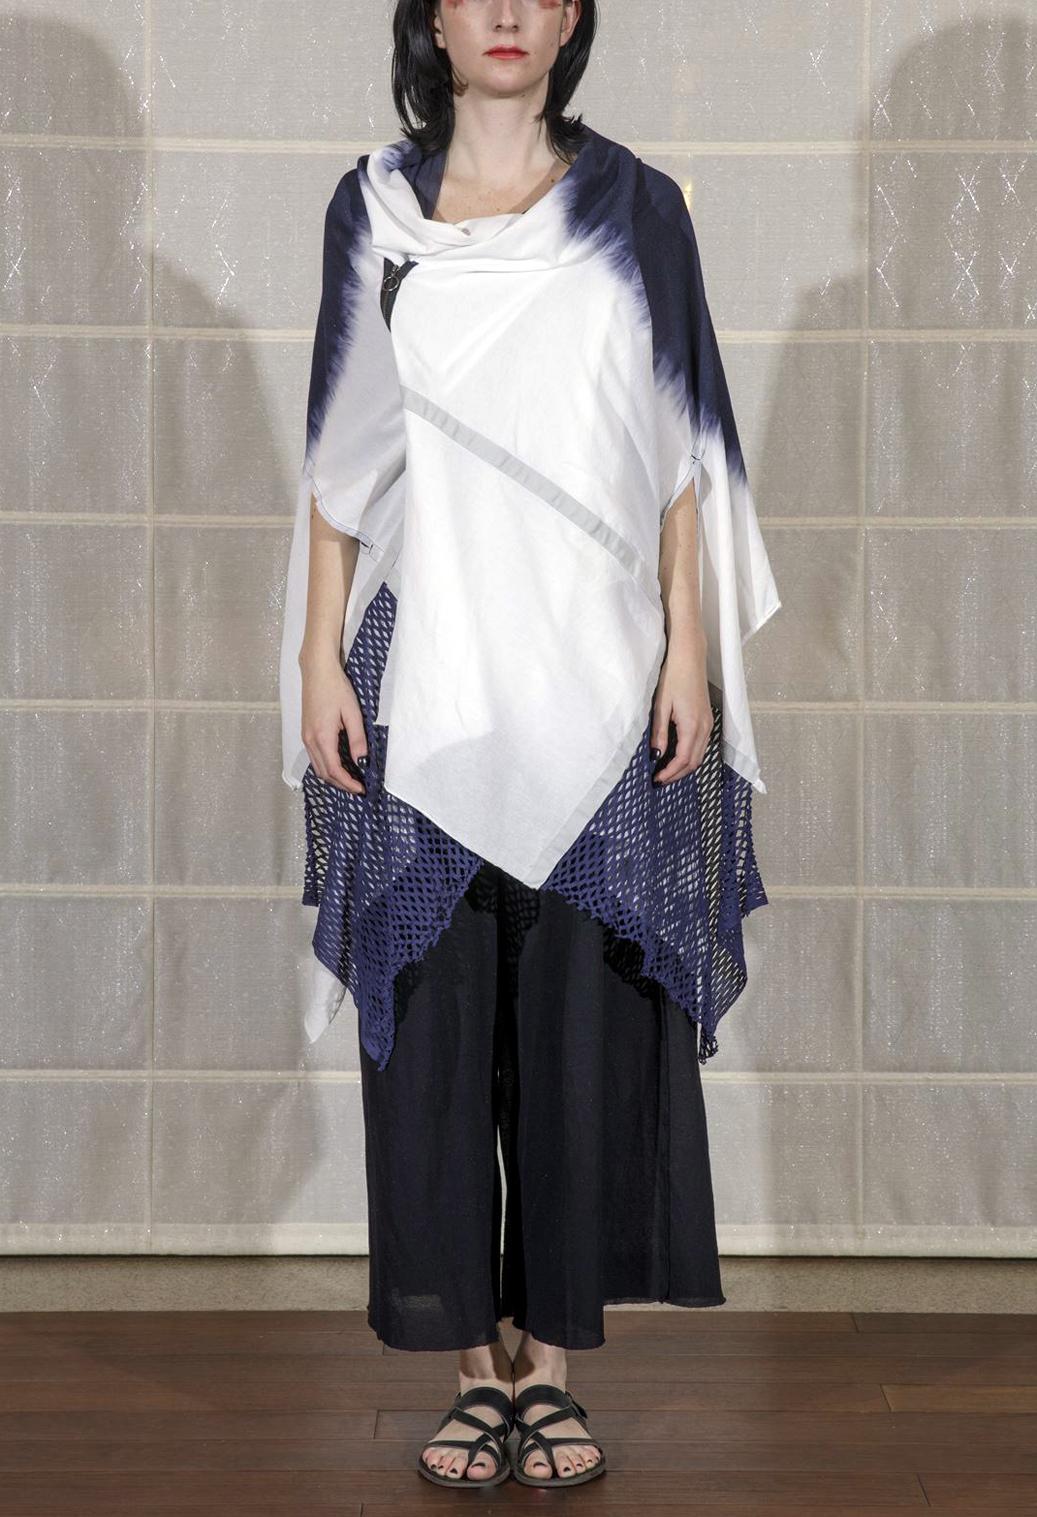 [着るストール]HAORI ANGEL ハオリエンジェル【COTTONコットン】 moon NAVY 202010[送料/税込]